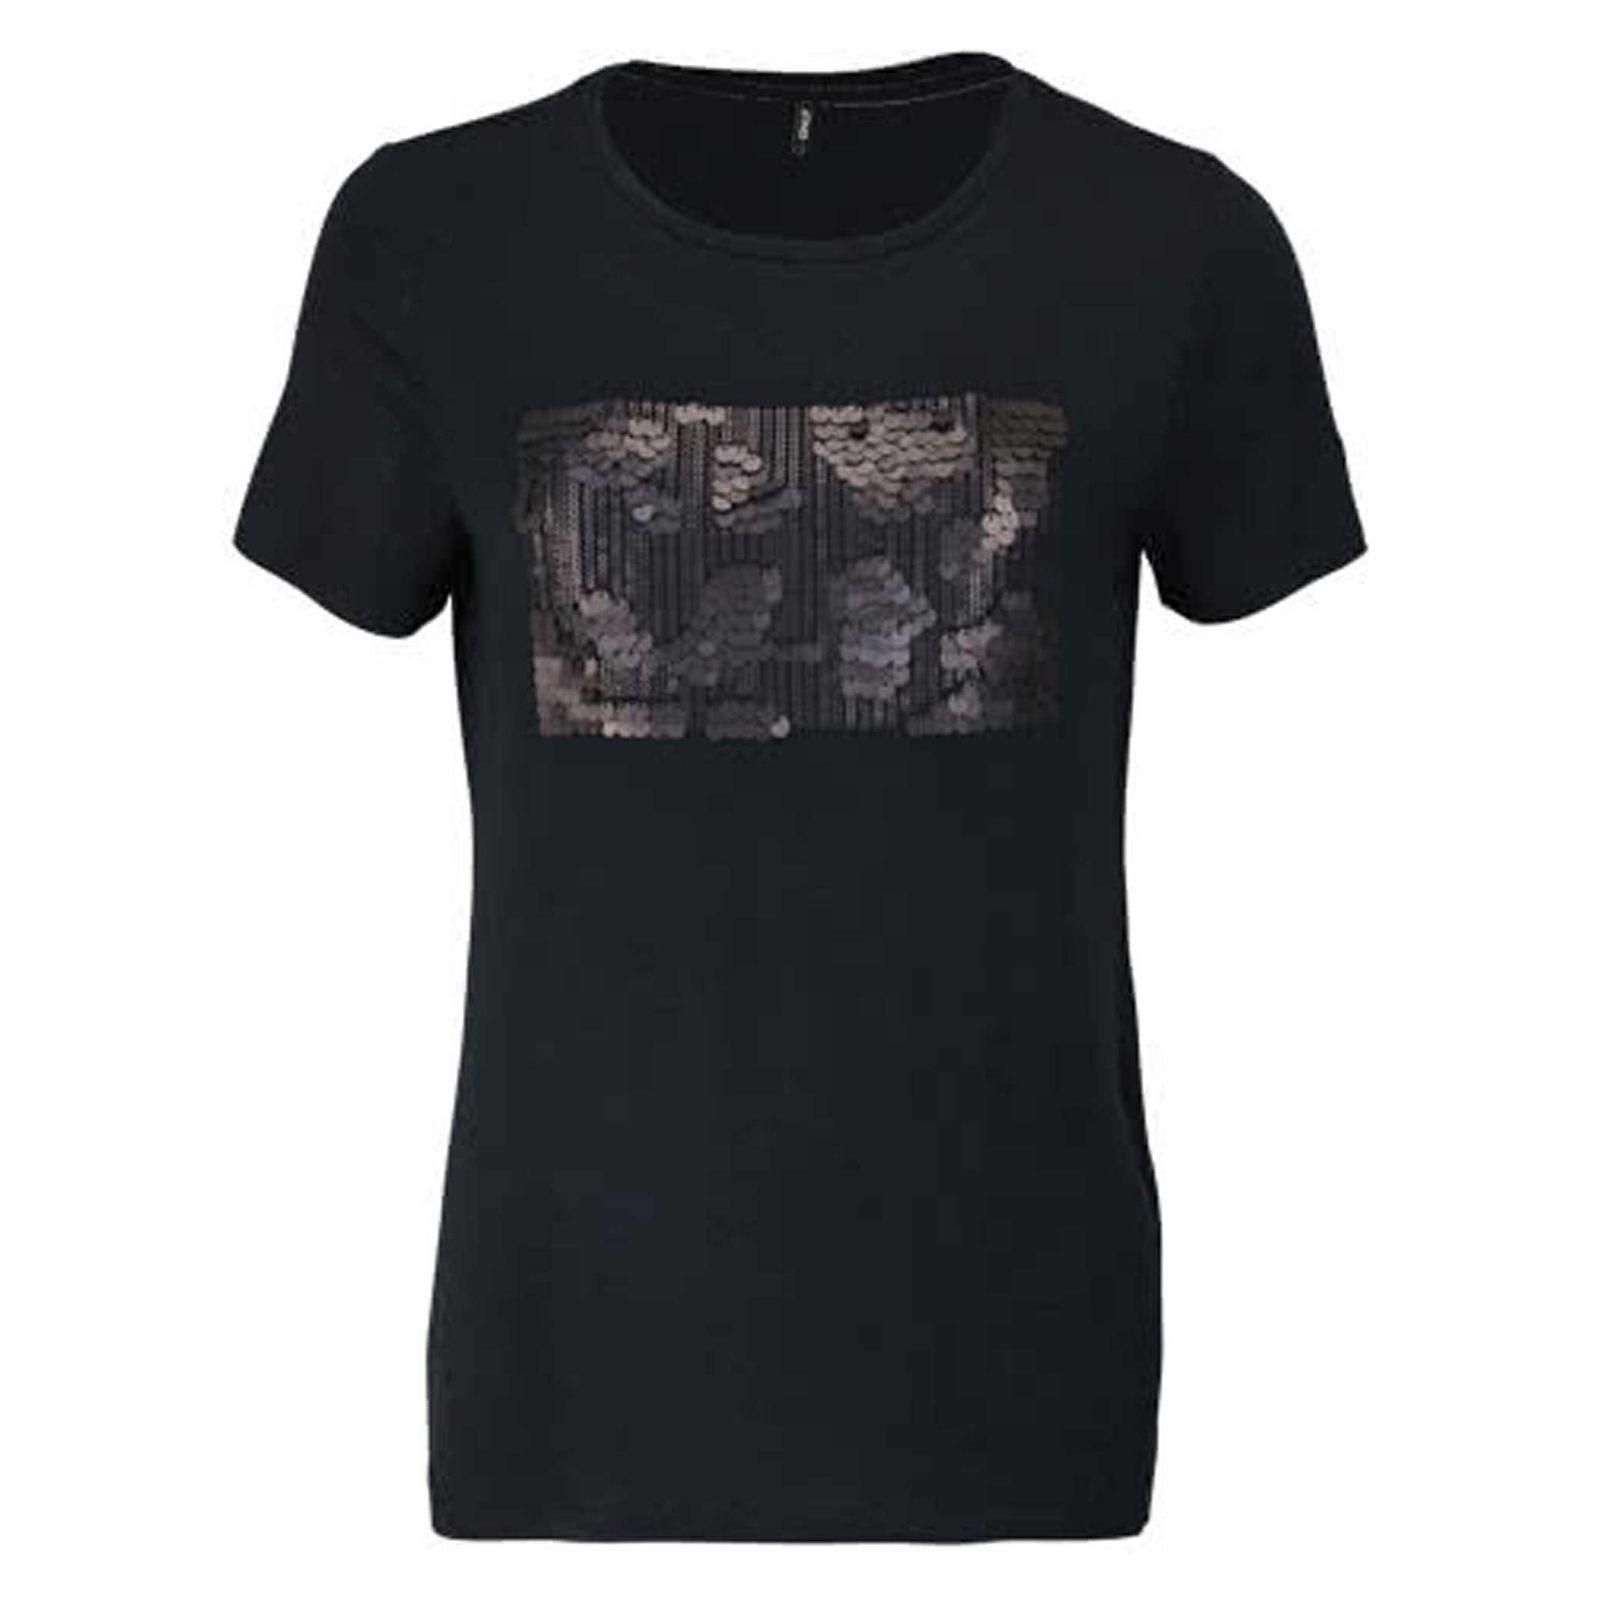 تی شرت ویسکوز یقه گرد زنانه - اونلی - مشکي - 1